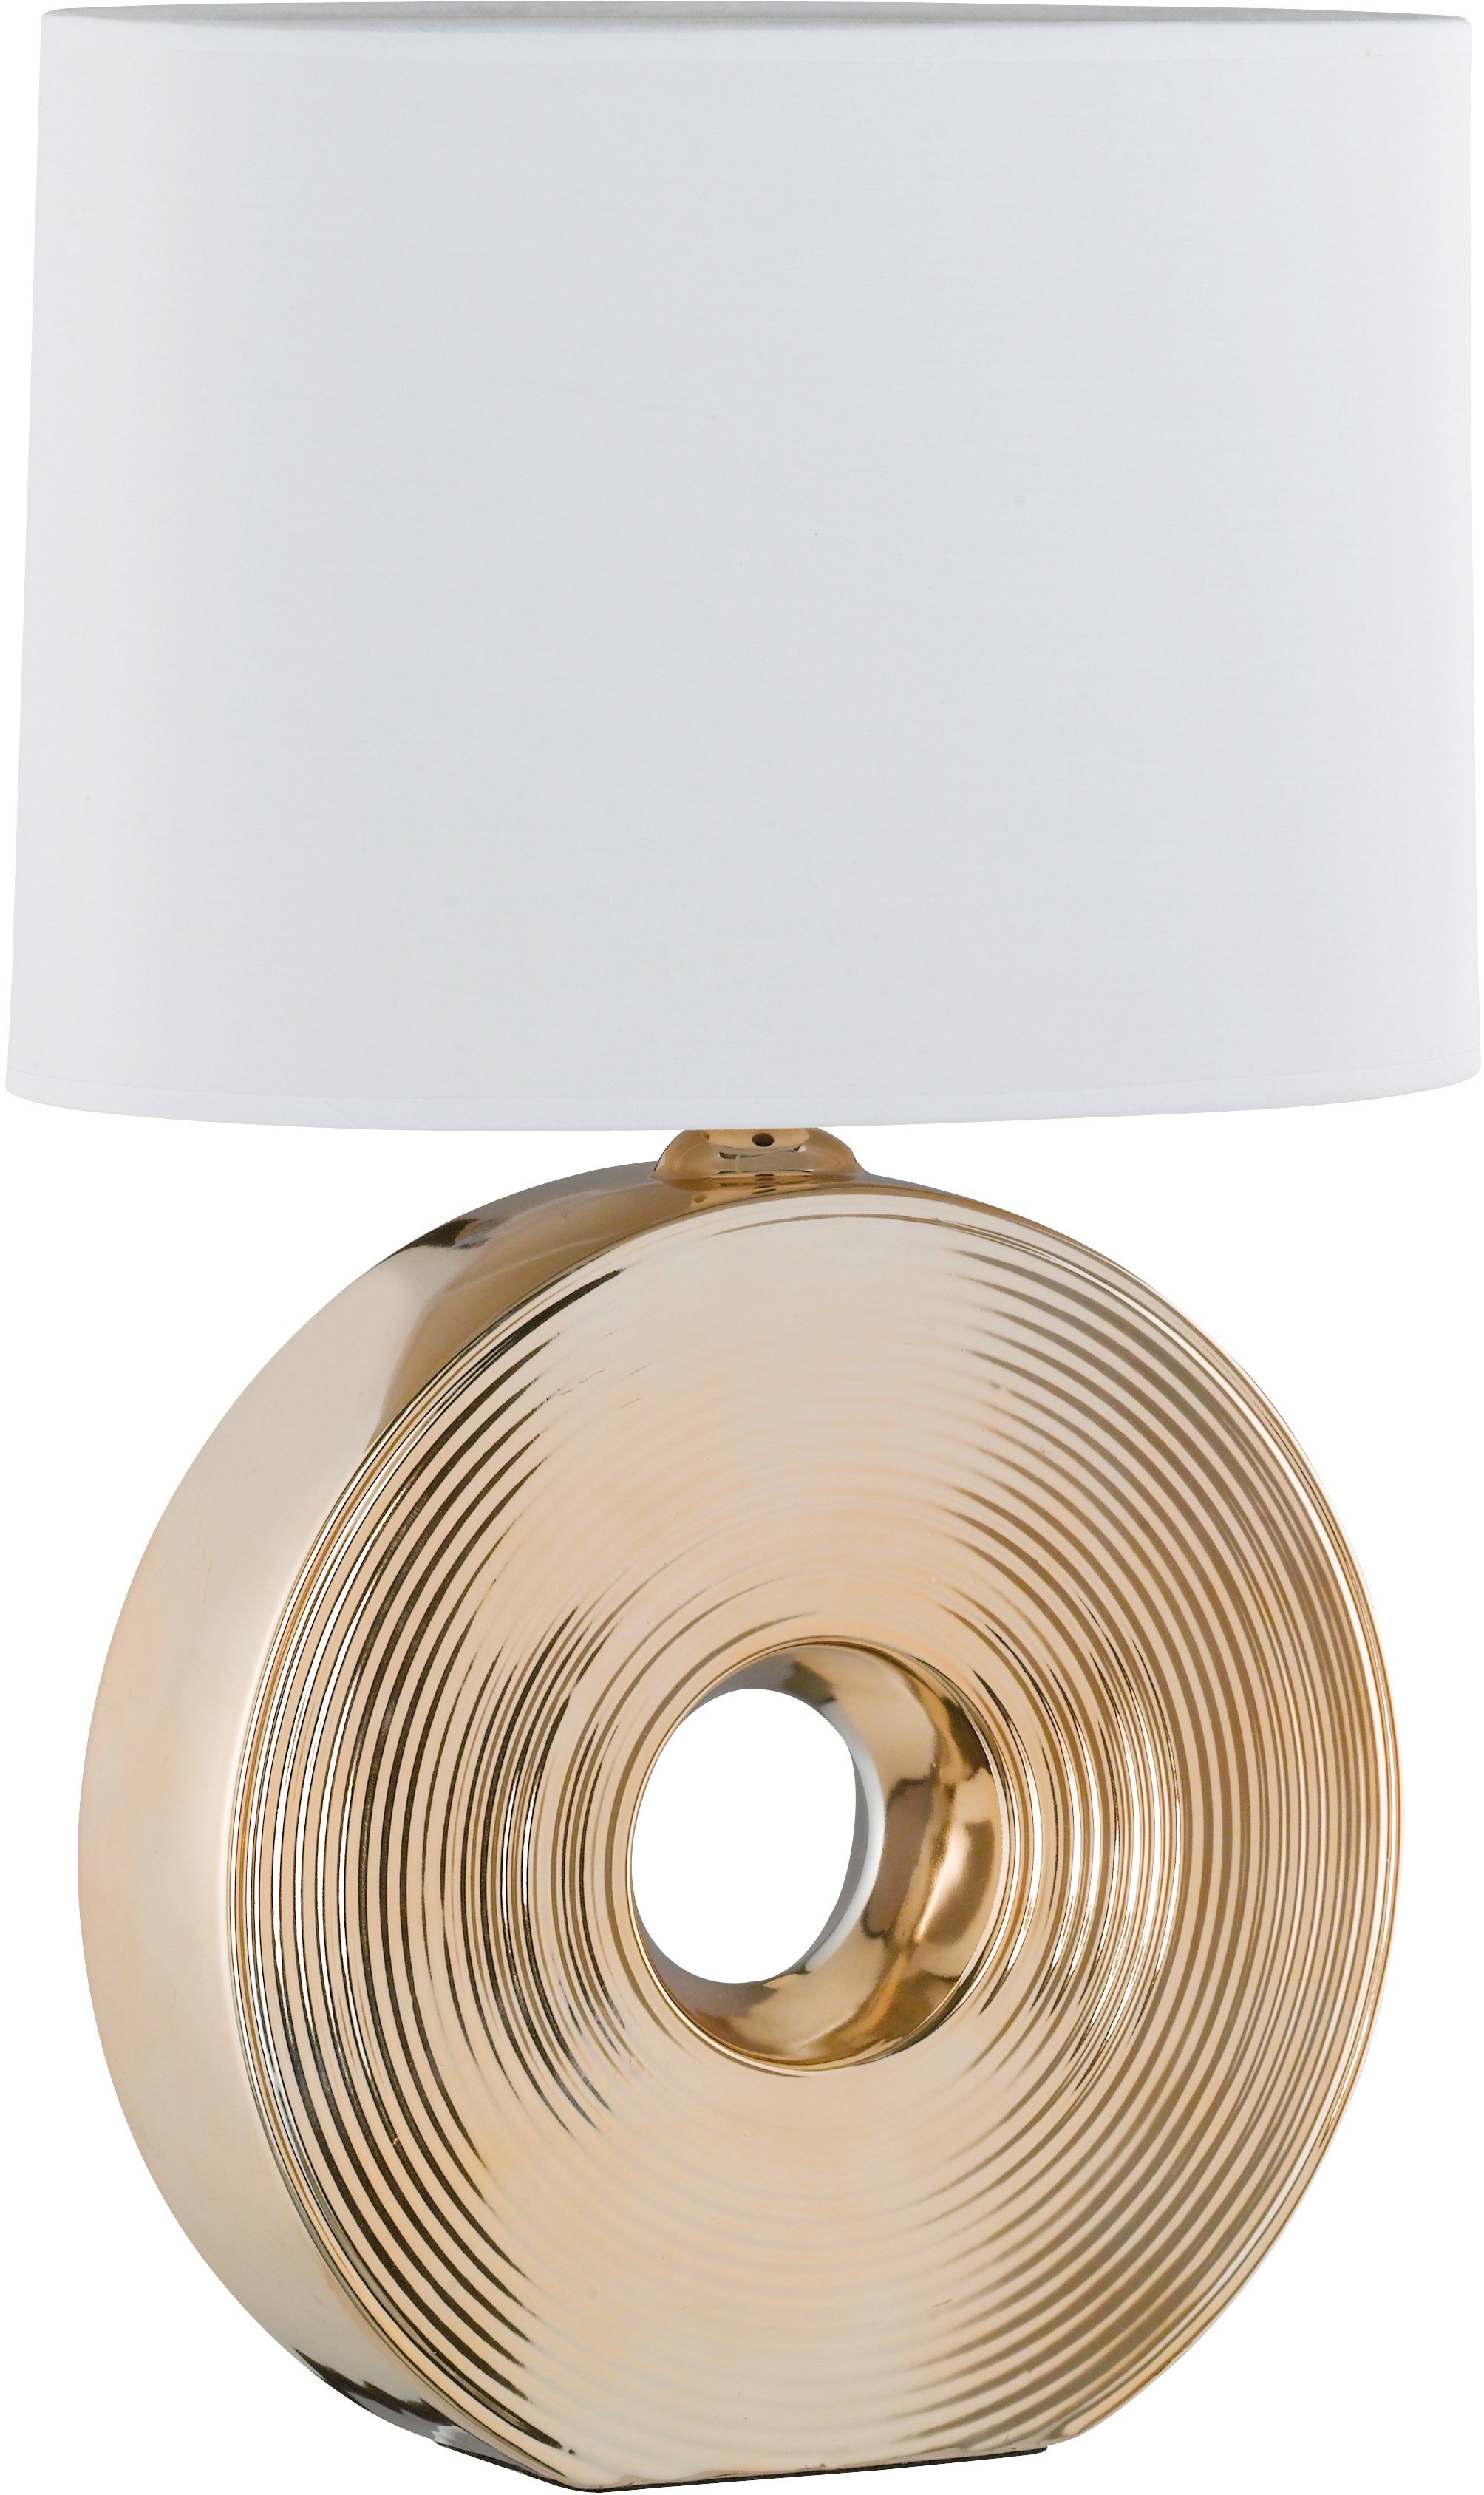 Honsel Leuchten tafellamp Eye in de webshop van OTTO kopen